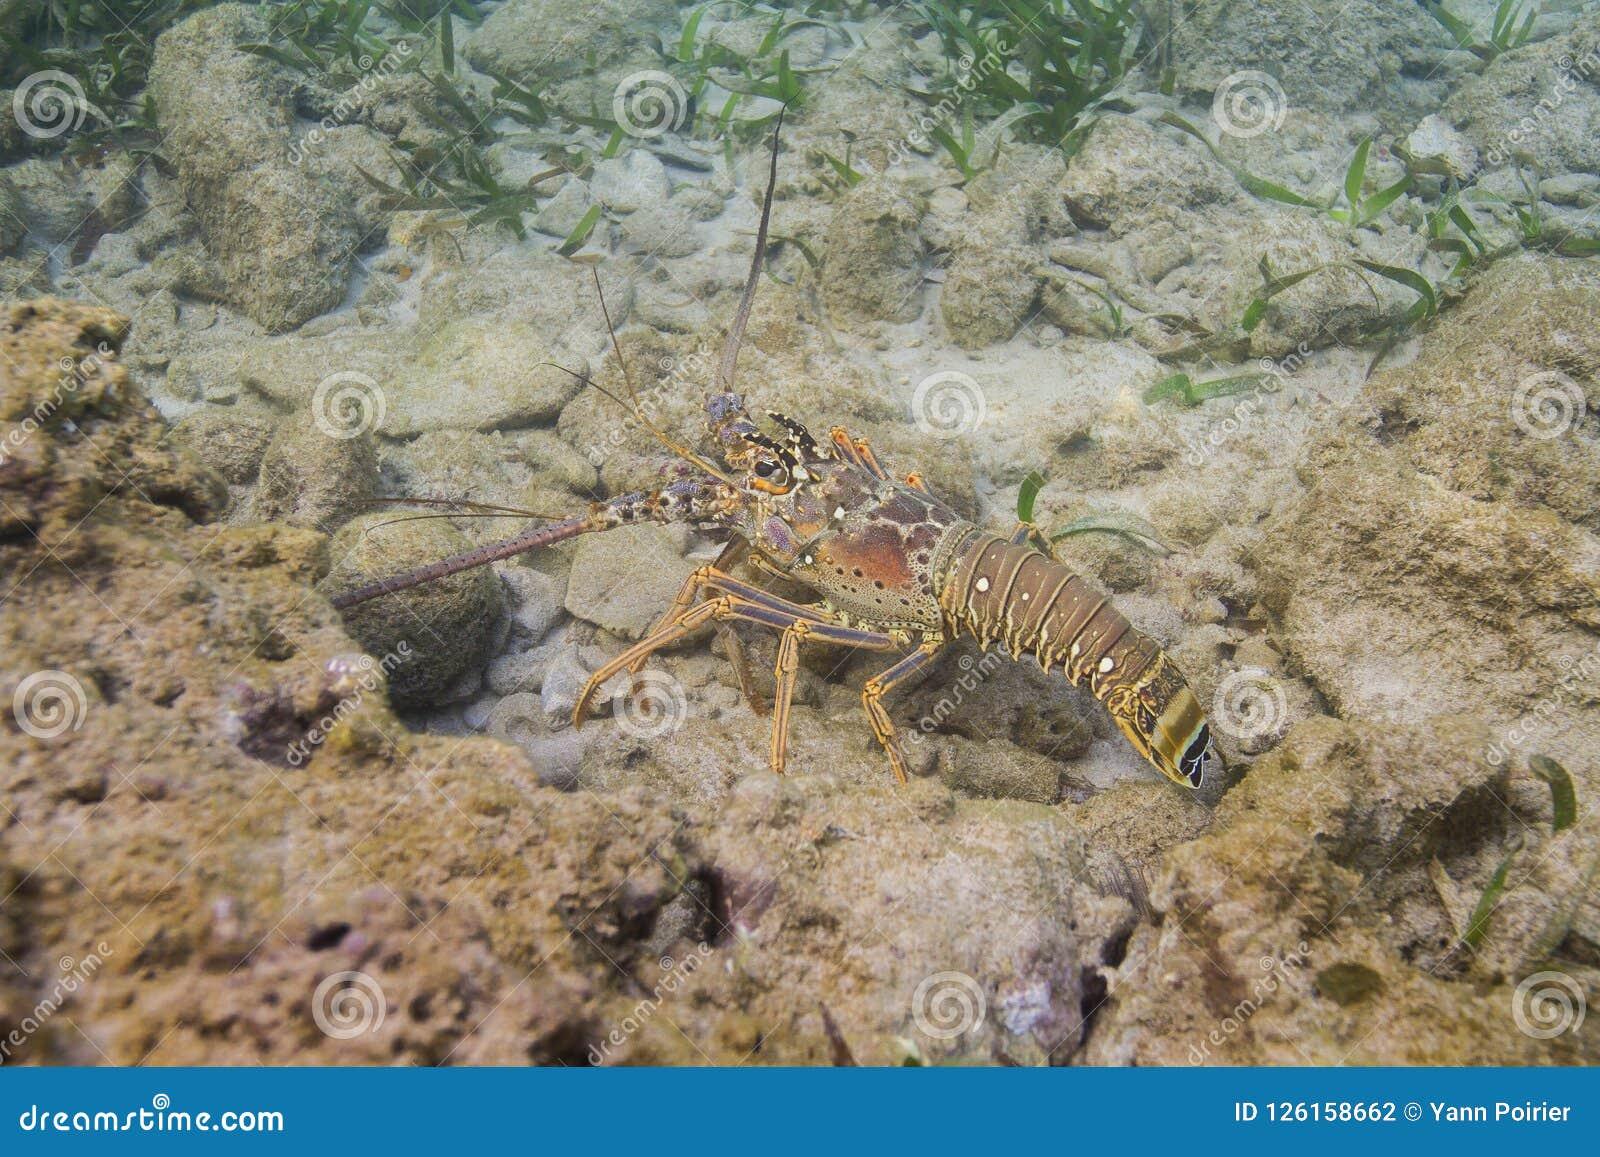 Spiny karibisk hummer